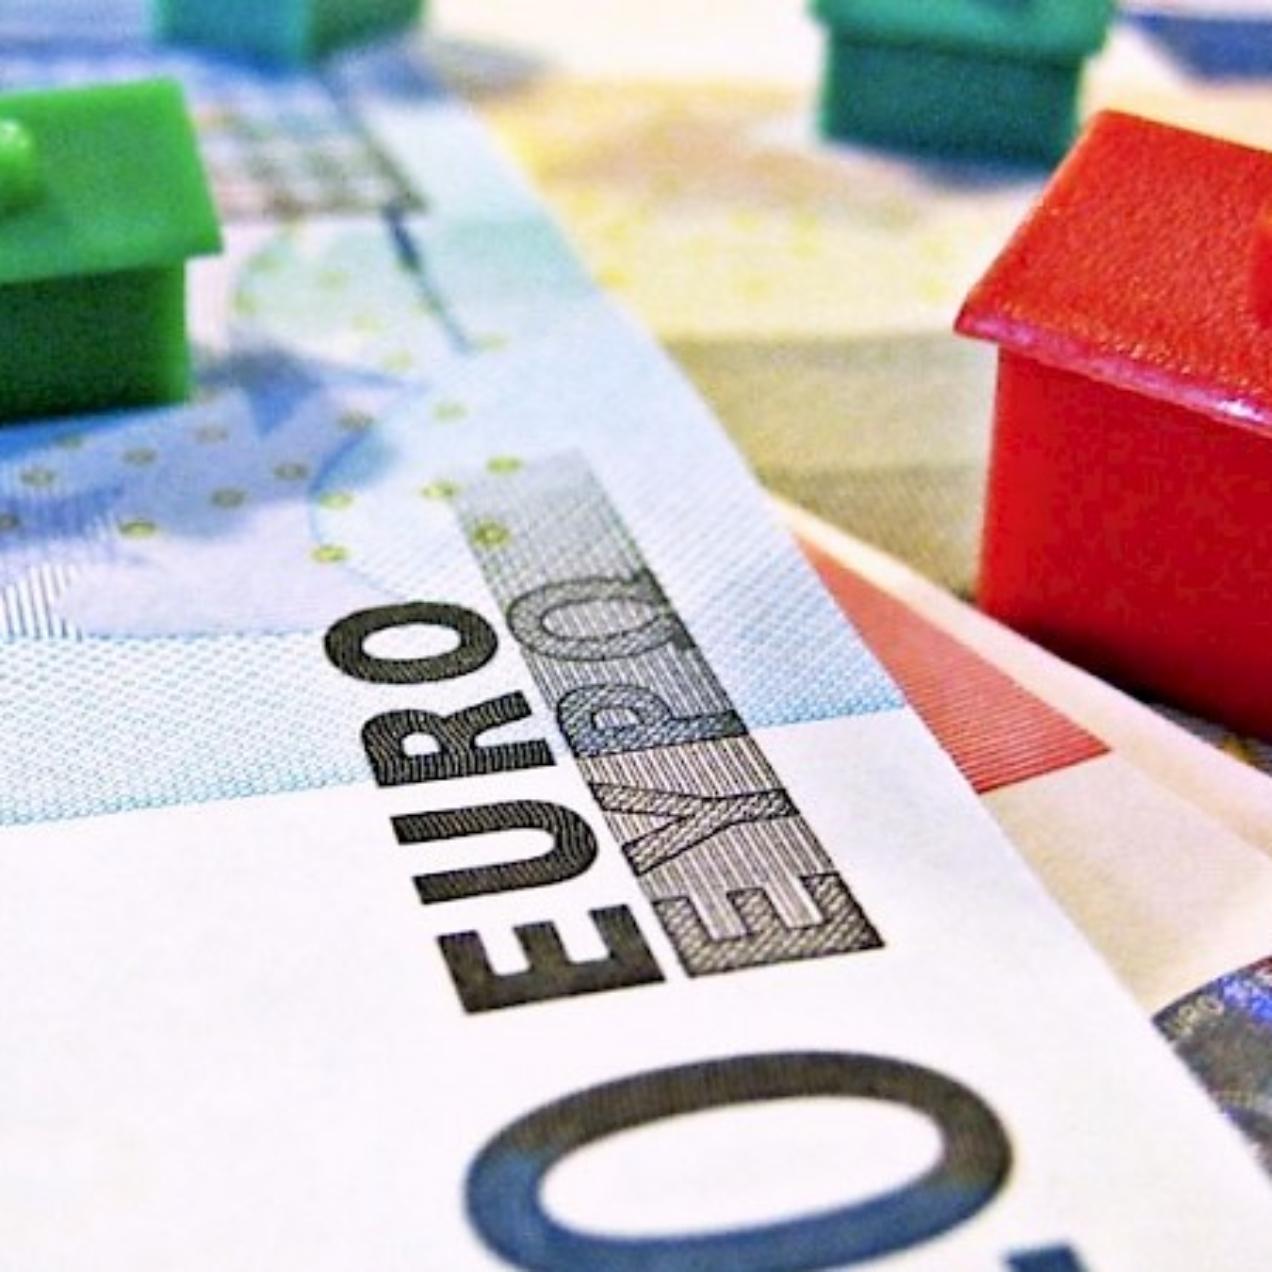 Comprare casa, il 2020 sarà un buon anno per investire sul mattone?